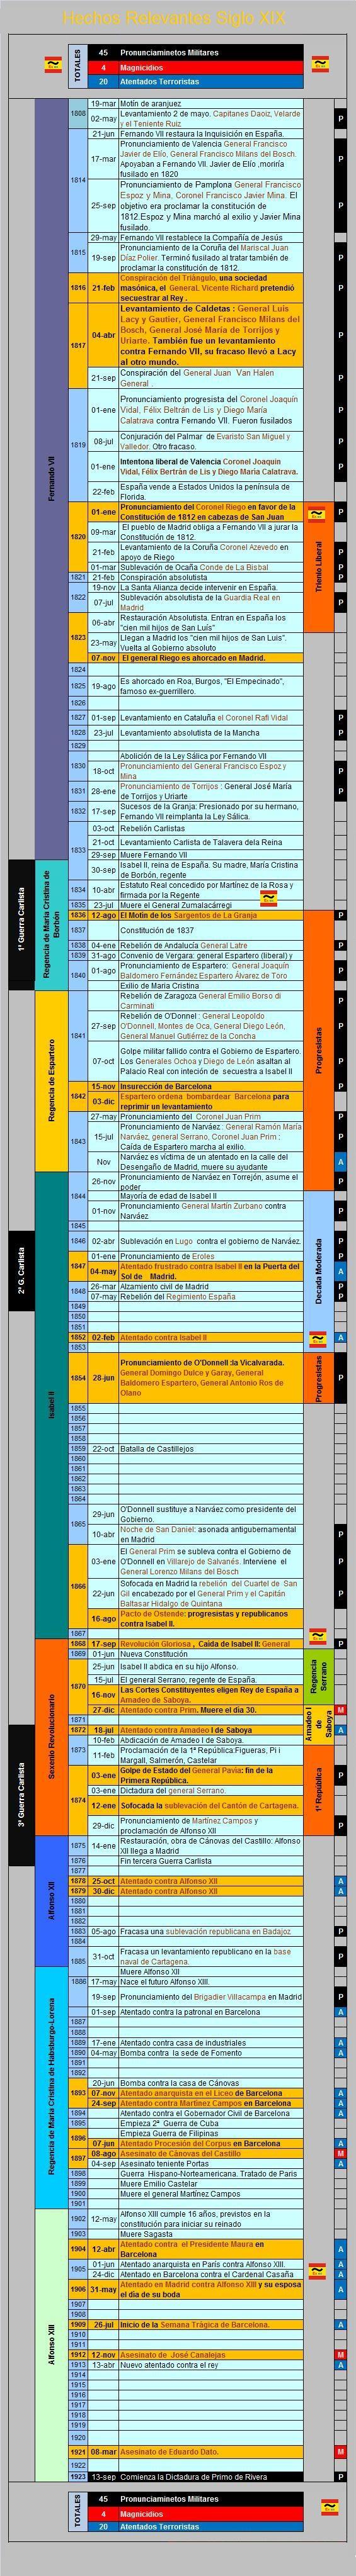 cronología hechos relevantes siglo xix.